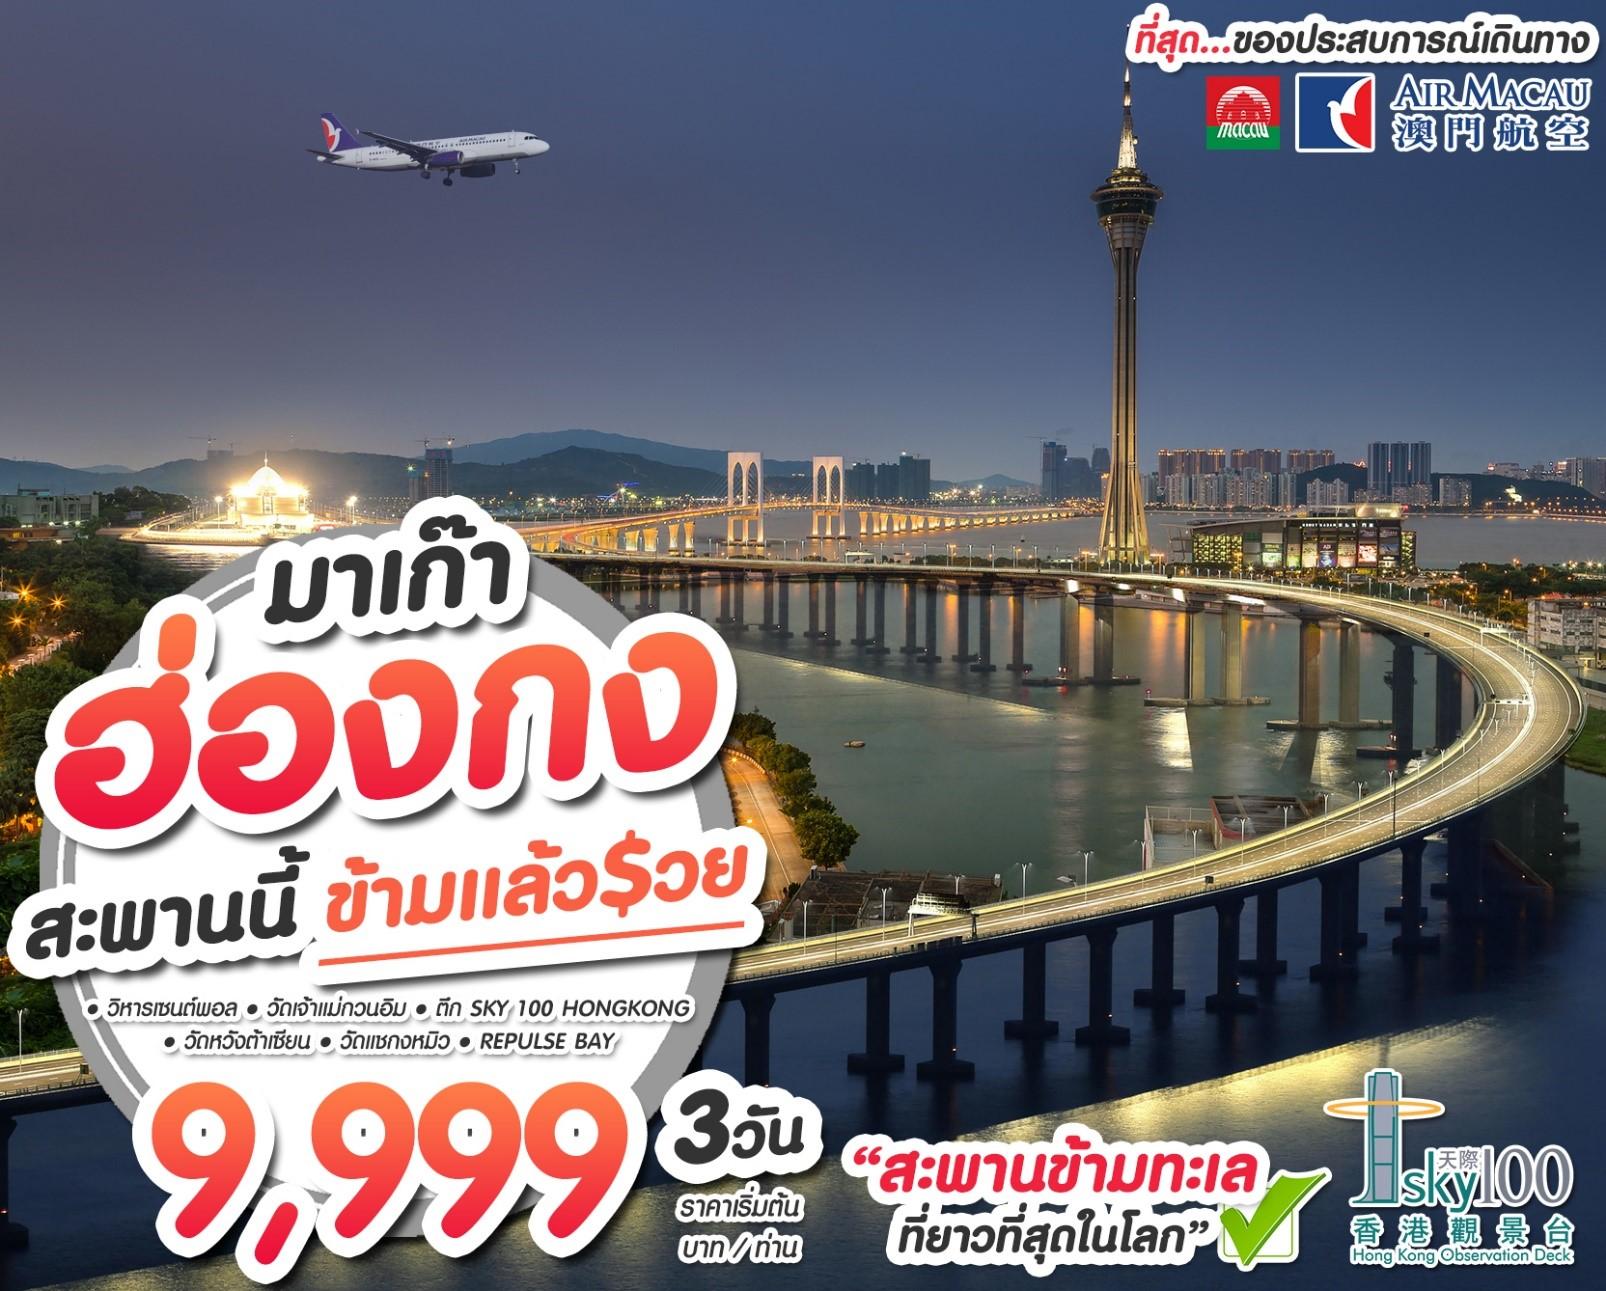 ทัวร์ฮ่องกง ไหว้พระ ฮ่องกง มาเก๊า สะพานนี้ข้ามแล้วรวย 3วัน 2คืน (FEB-MAR19)